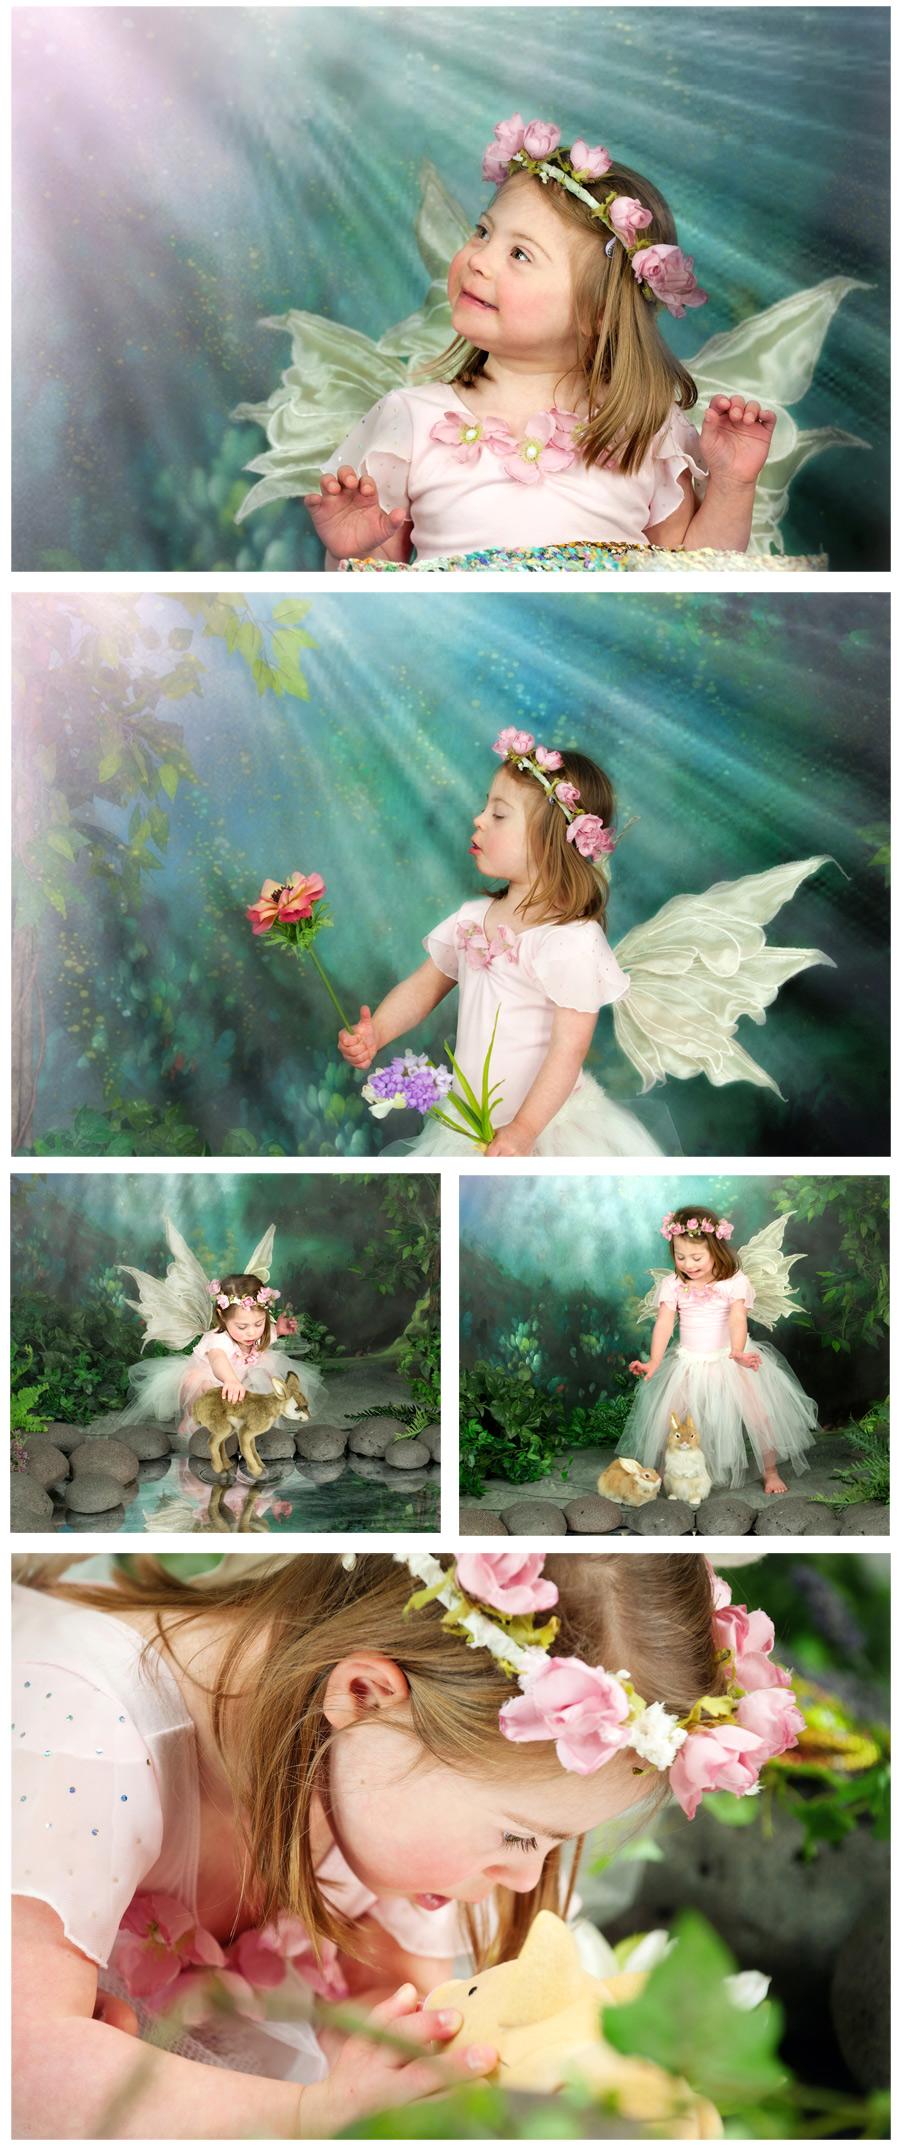 precious-little-fairy_free-lense-photo_01.jpg